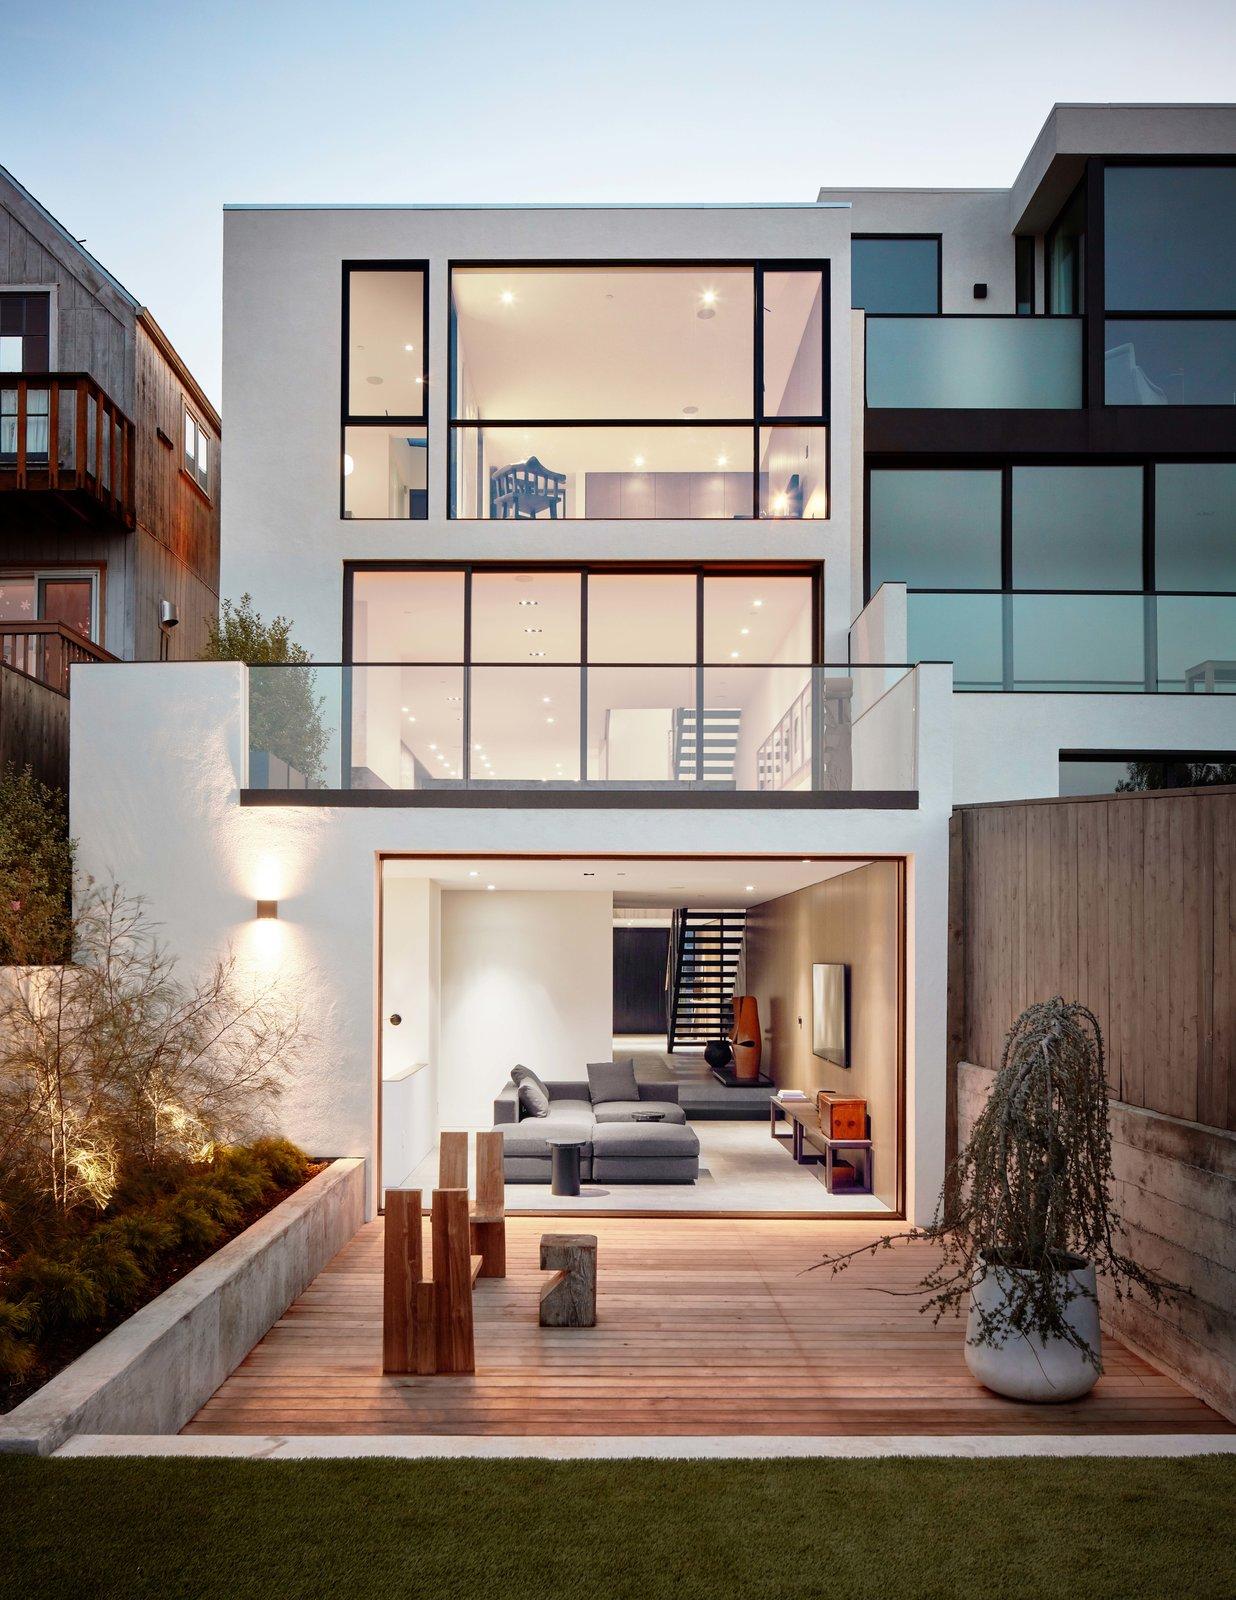 Exterior  MAK Studio Noe Valley Residence